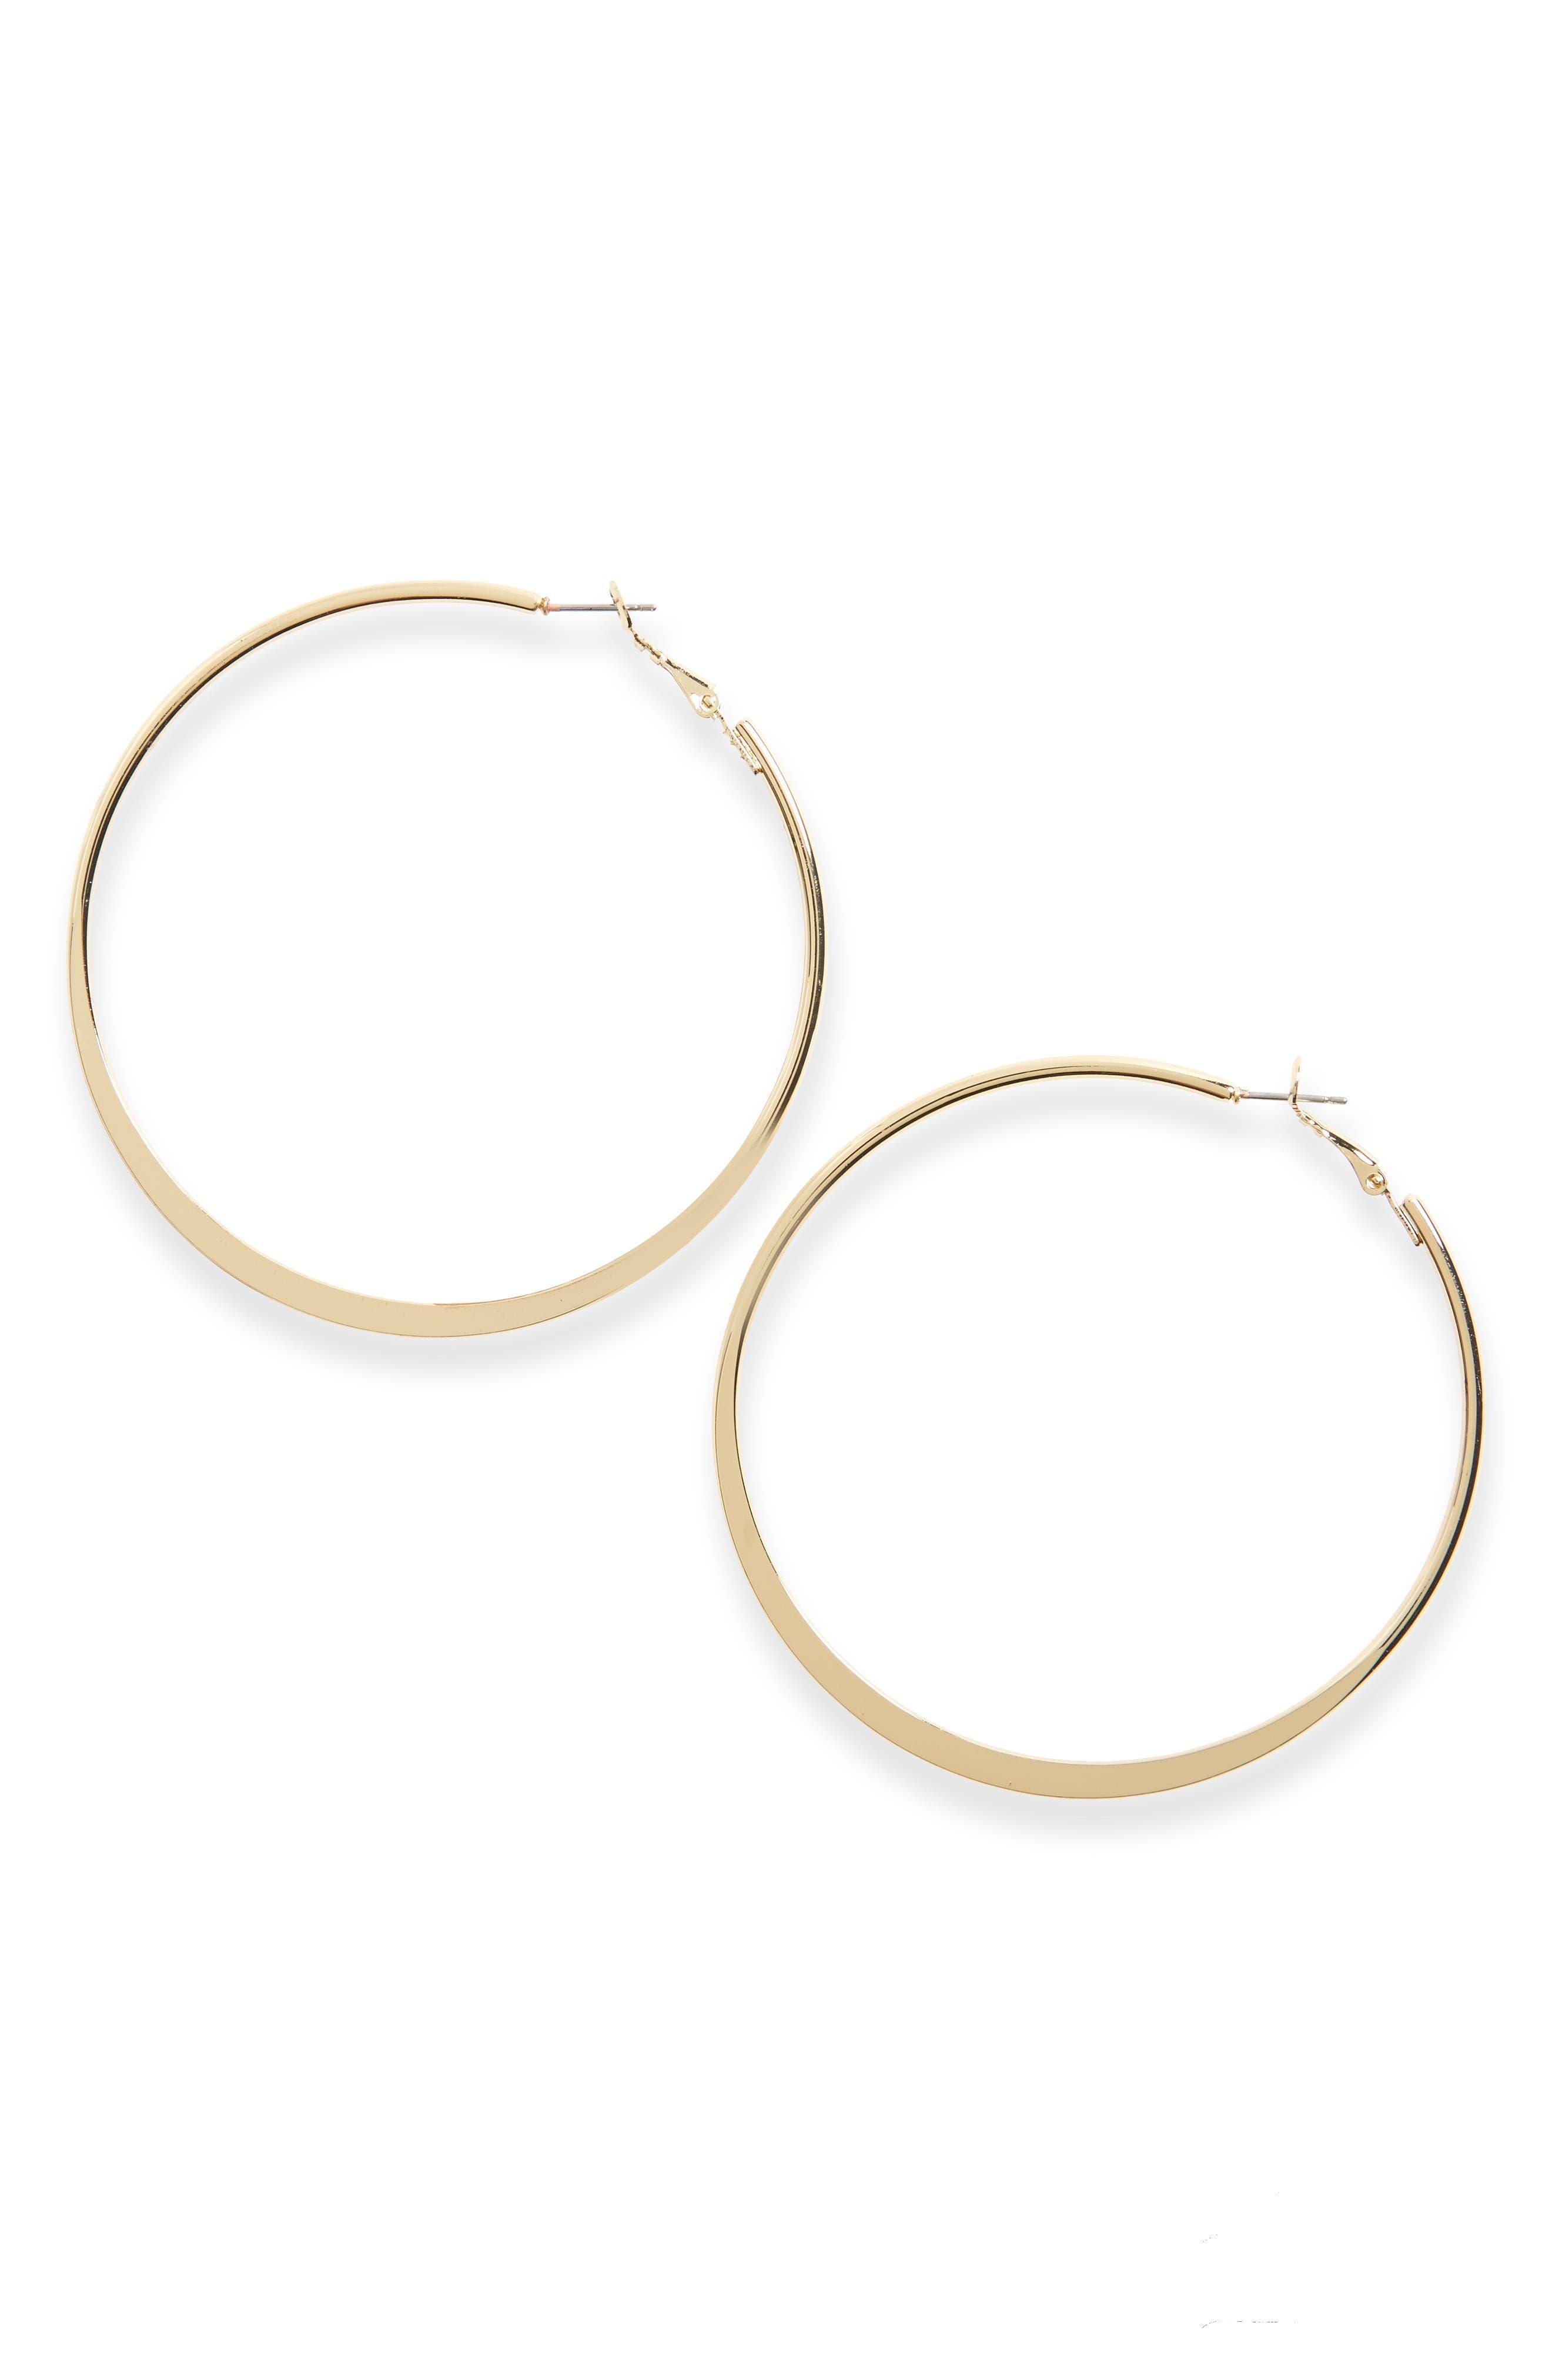 TOPSHOP Flat Hoop Earrings